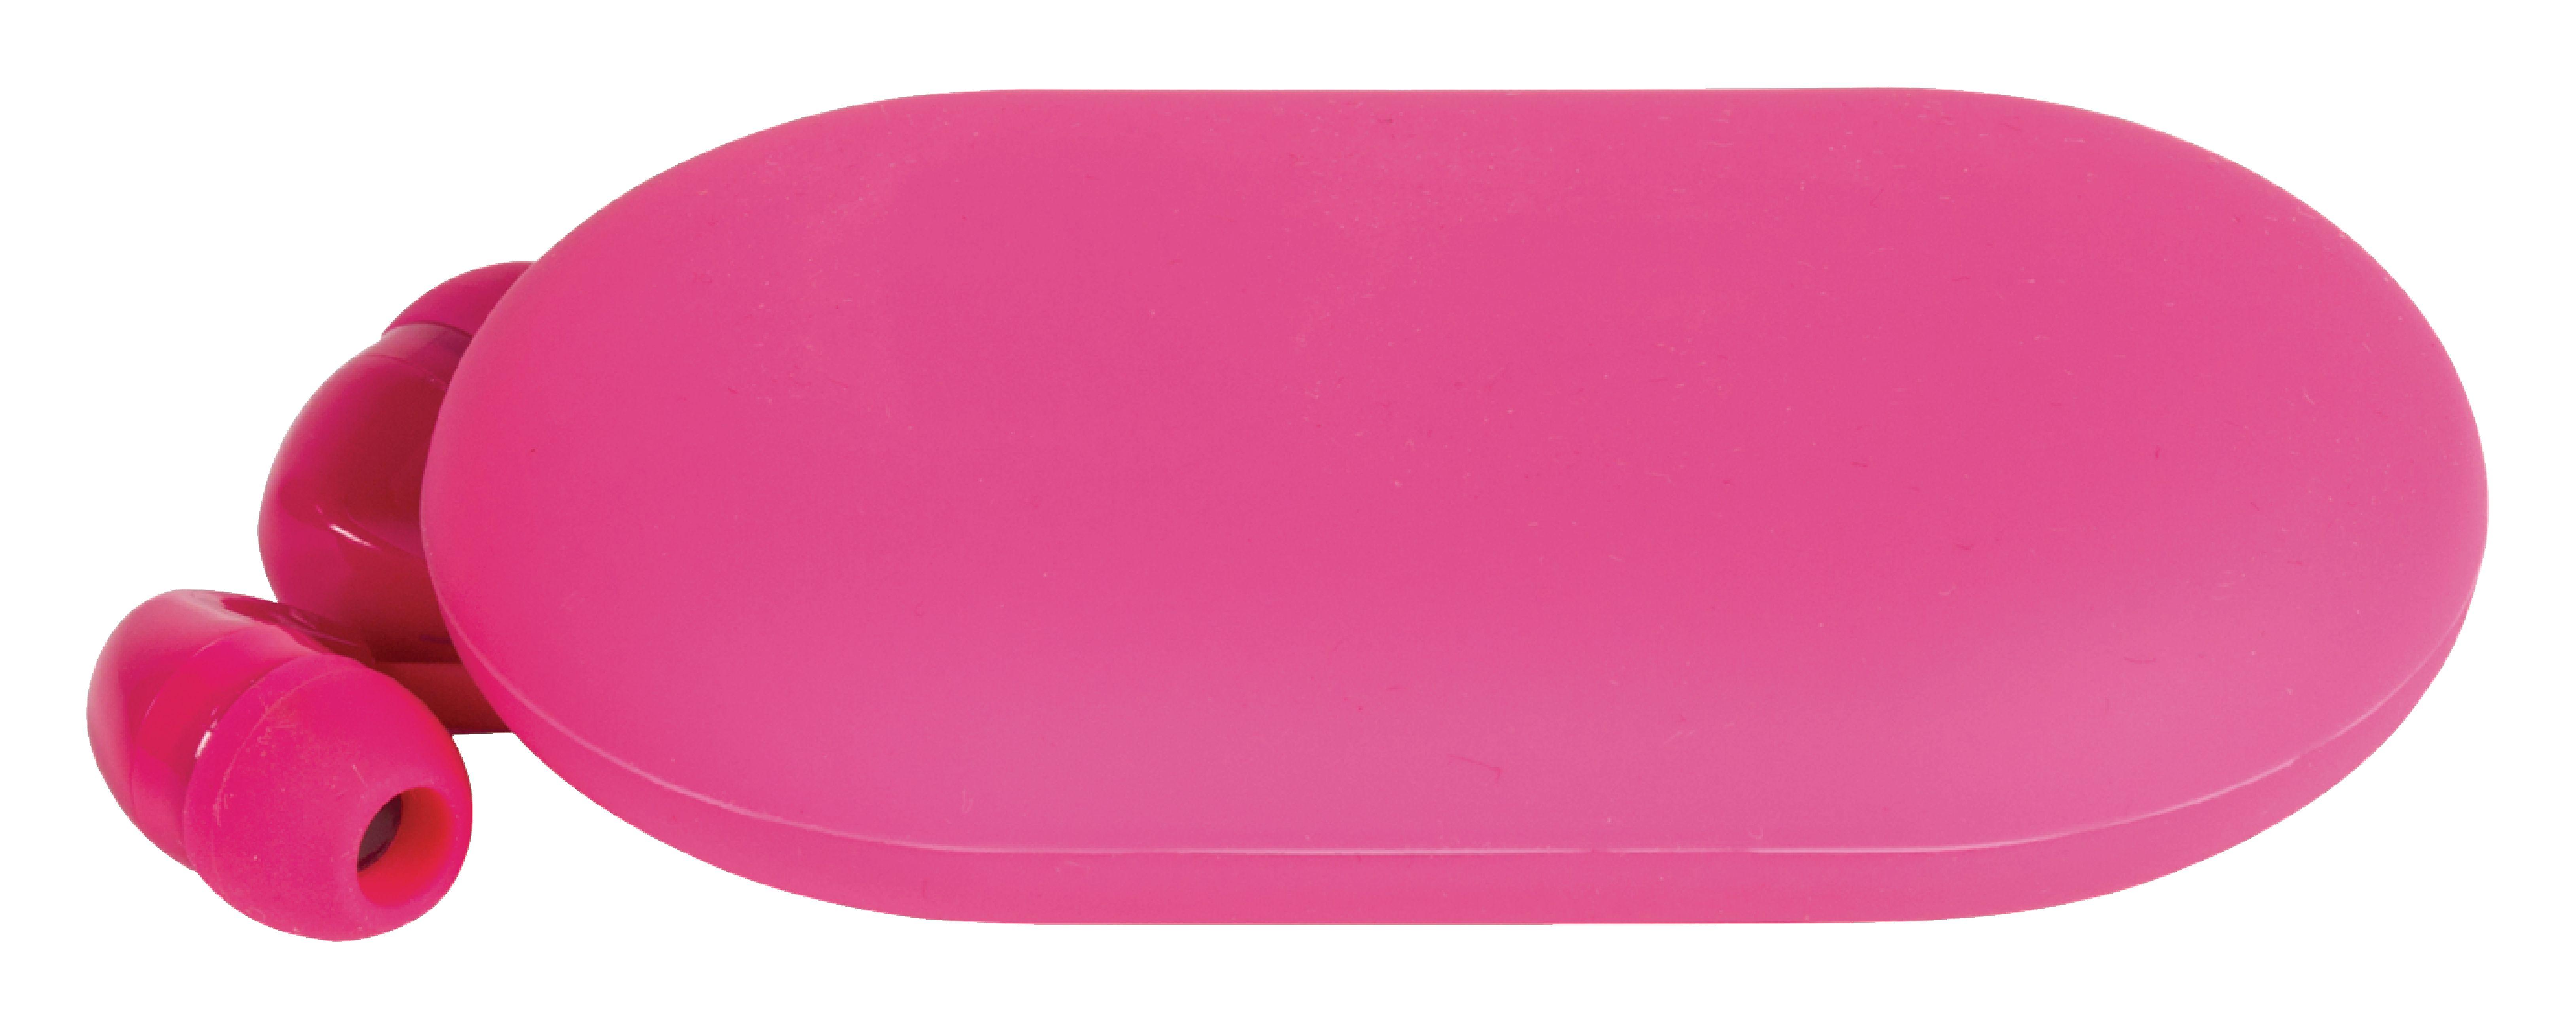 Headset Flachkabel im Ohr 3.5 mm verdrahtet Eingebautes Mikrofon 1.2 m Rosa